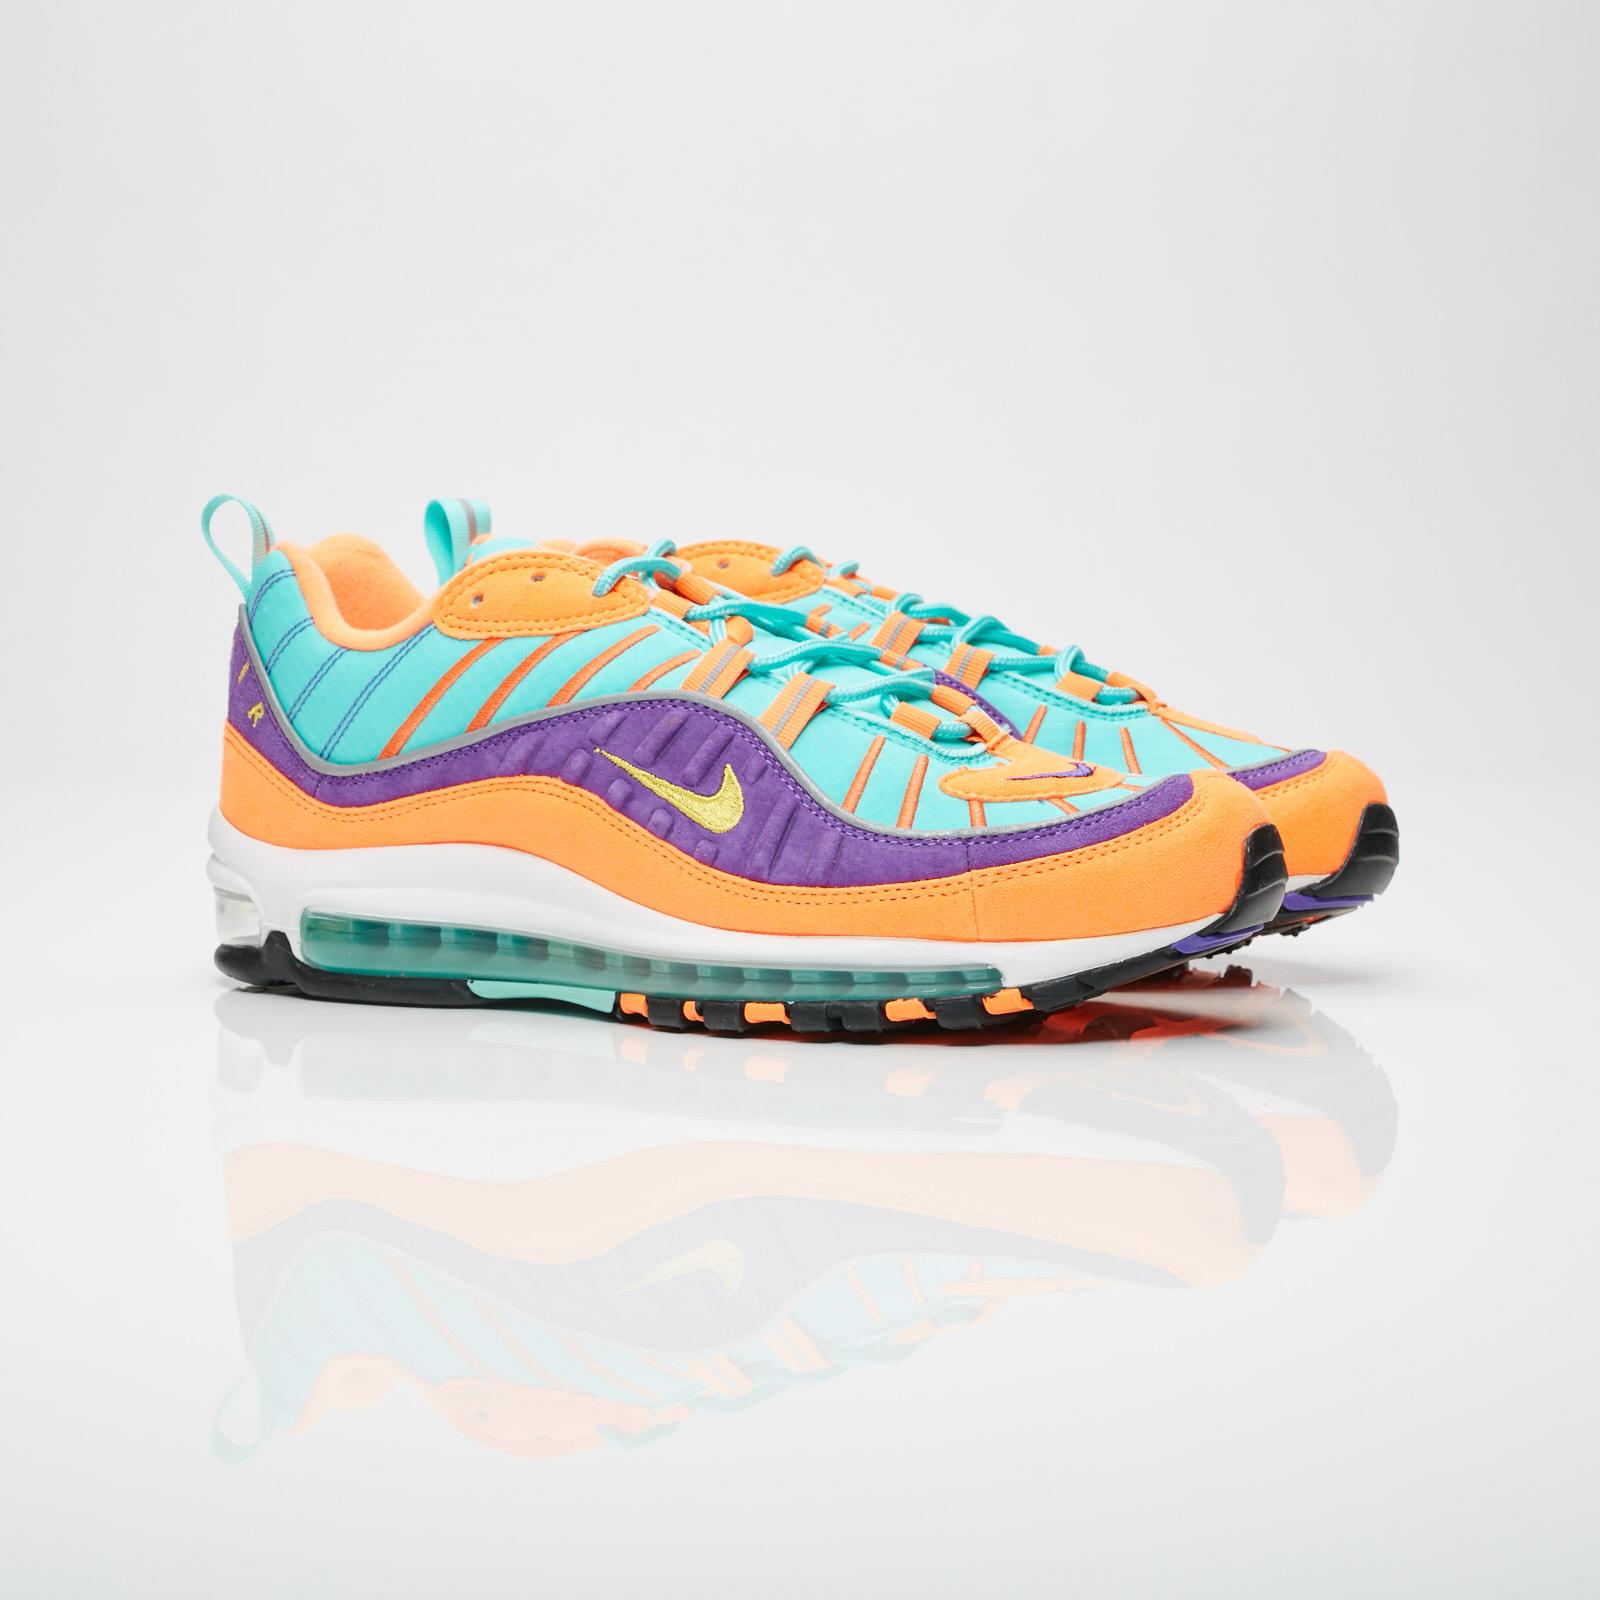 c2c432cd04 Nike Air Max 98 QS - 924462-800 - Sneakersnstuff   sneakers ...